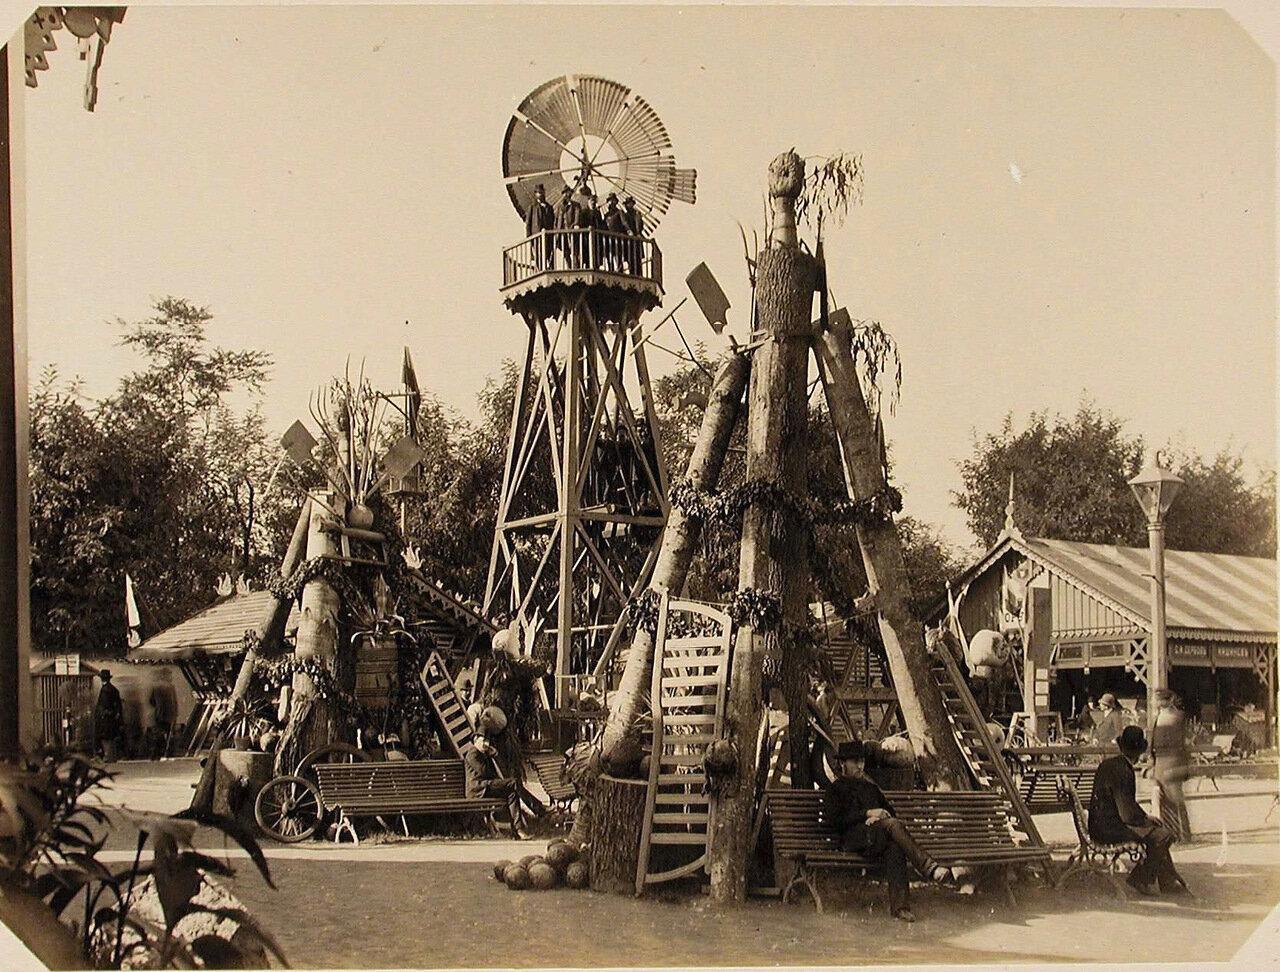 07. Общий вид ветряного двигателя - одного из экспонатов Бессарабской сельскохозяйственной выставки